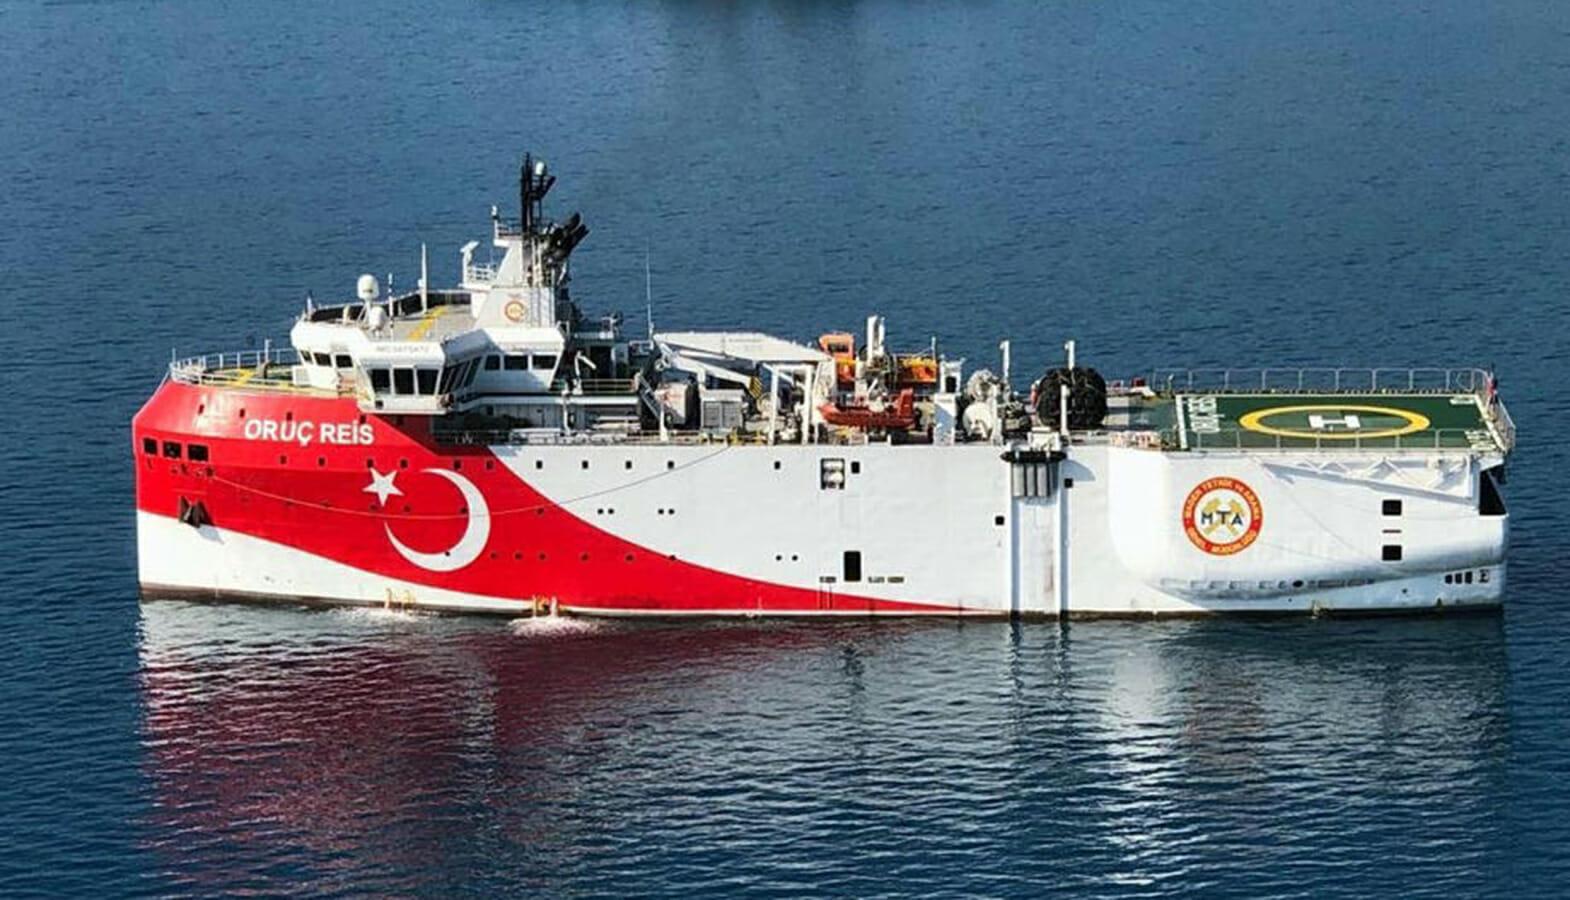 کشتی تحقیقاتی oruc reis ترکیه